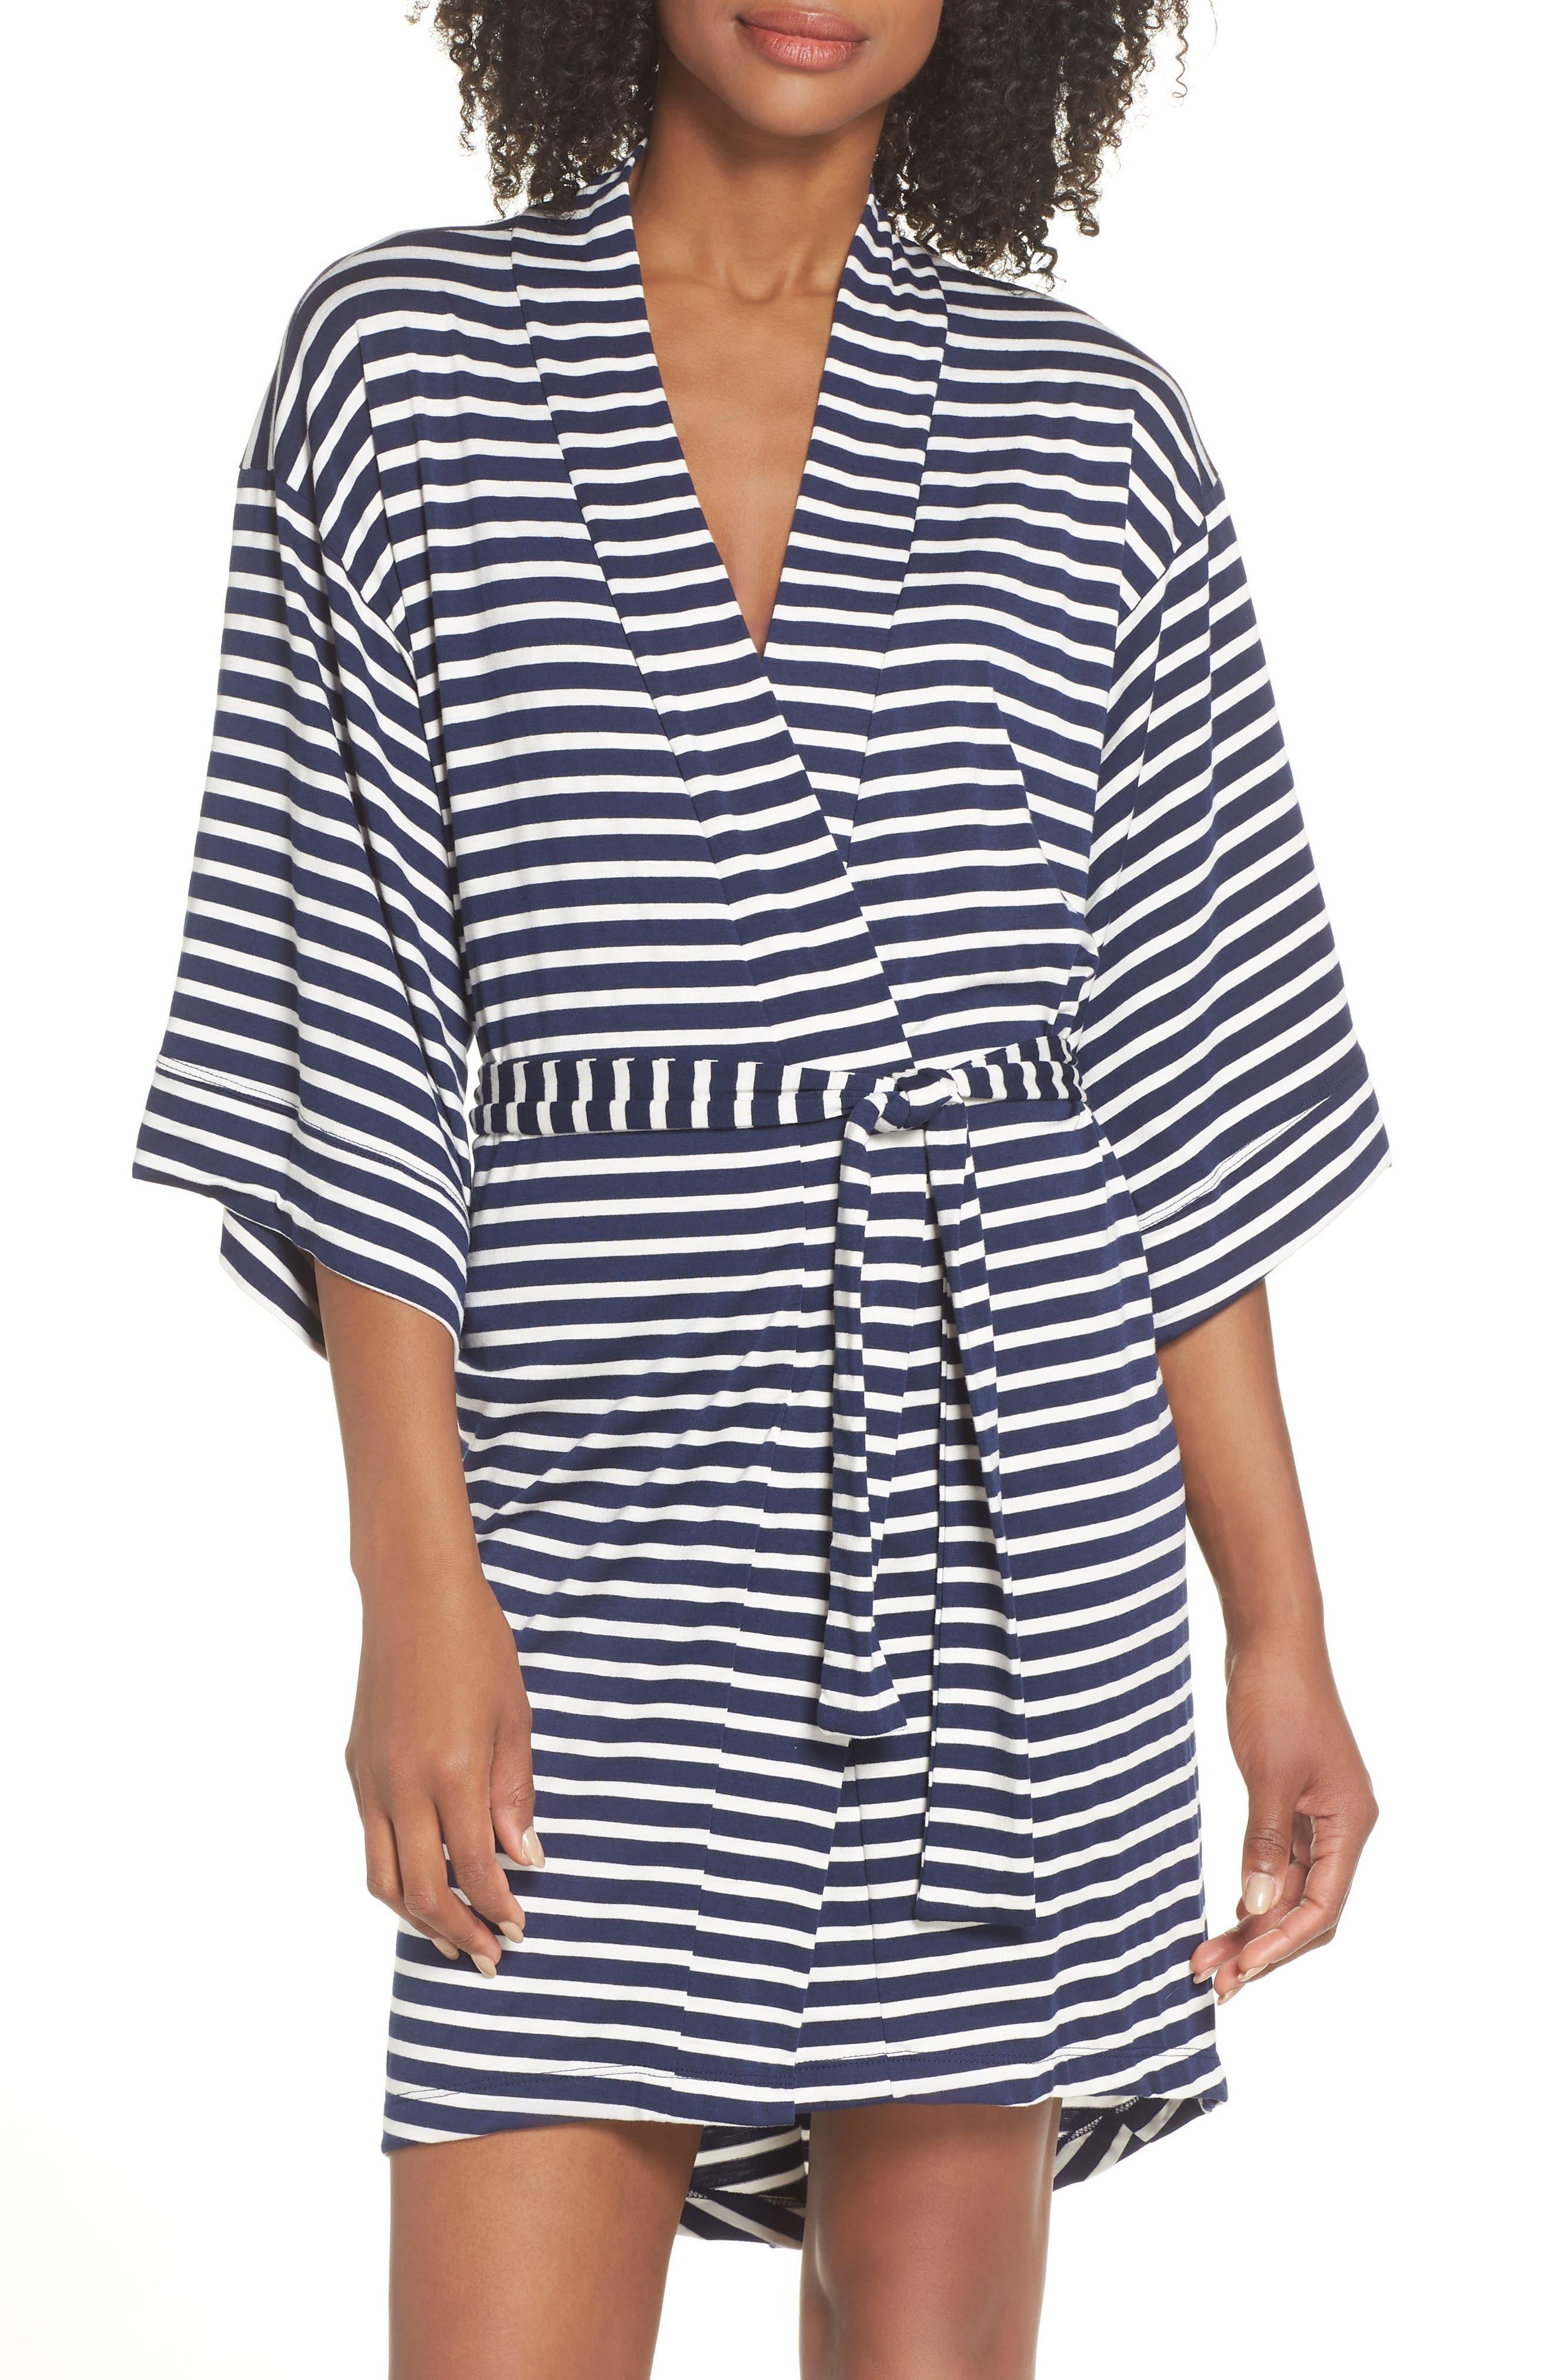 MAISON DU SOIR Florence Short Robe in Navy Stripe